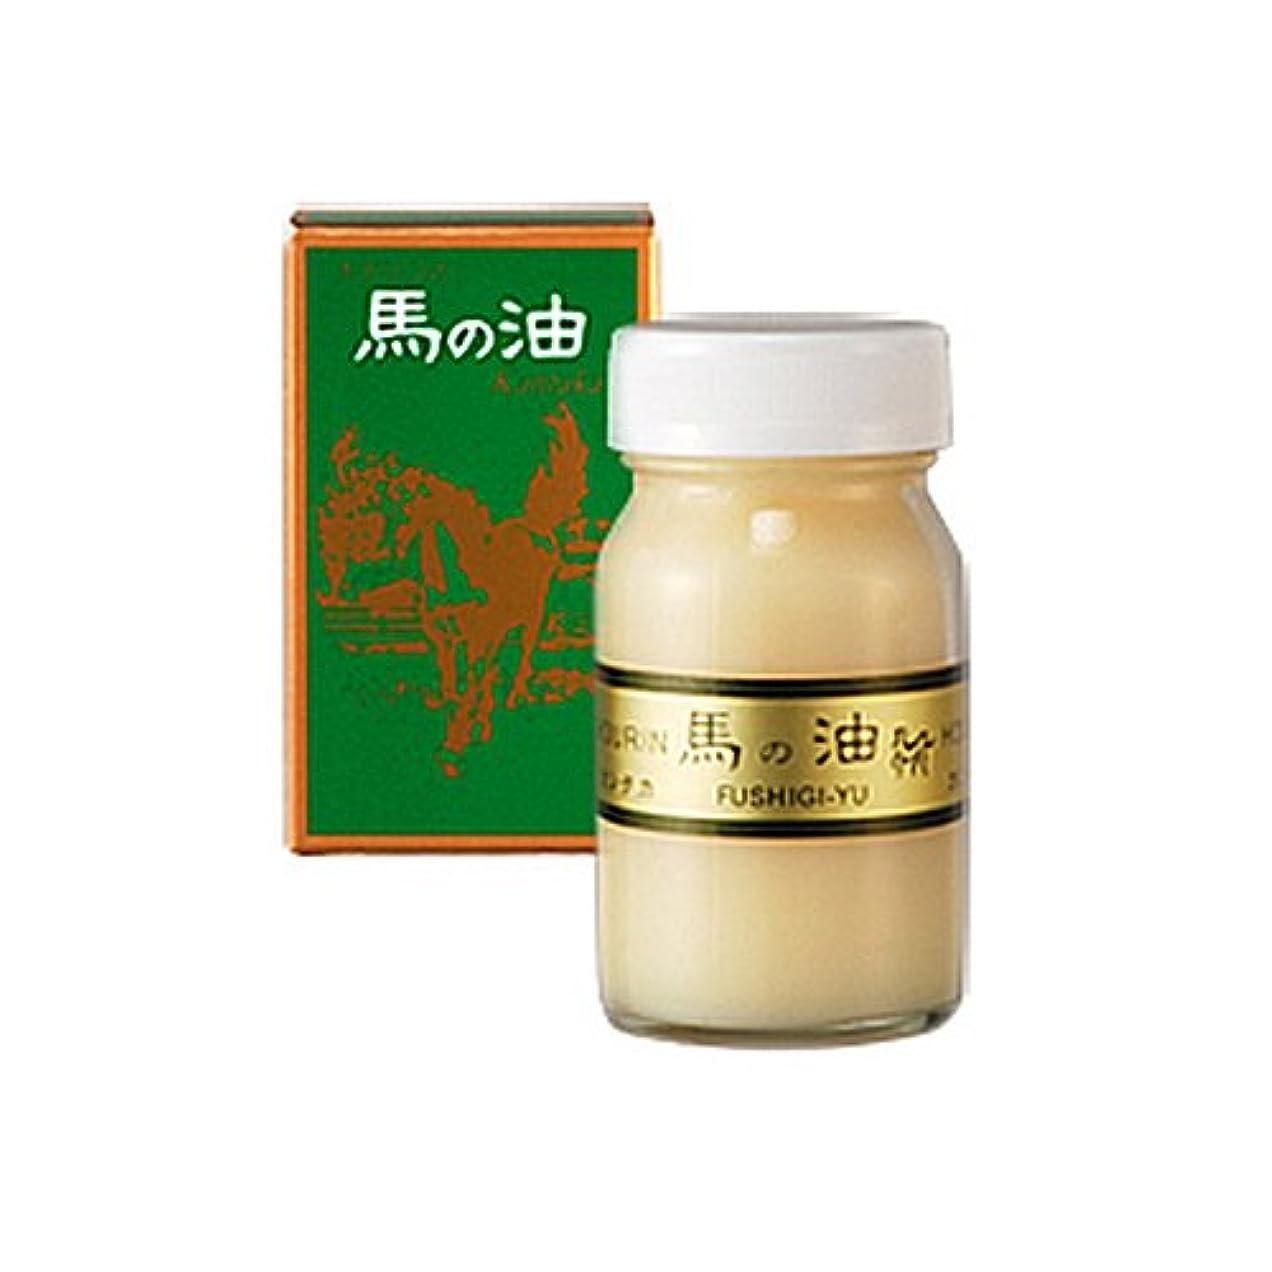 雑品スプレーカセットホウリン 馬の油 カンタカ 65ml ×6セット